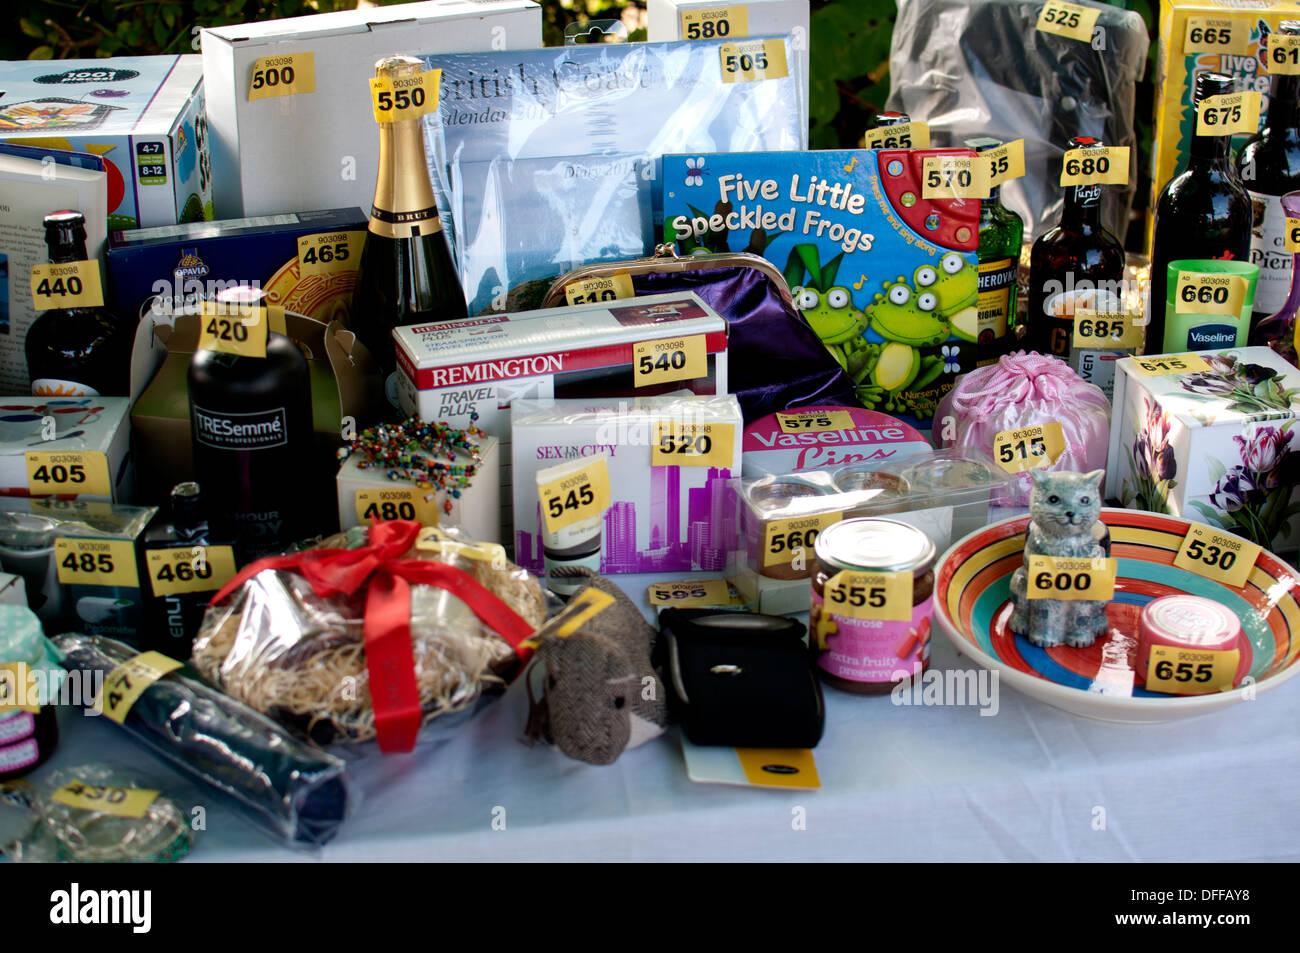 Tombola prizes Stock Photo: 61188828 - Alamy  Tombola prizes ...